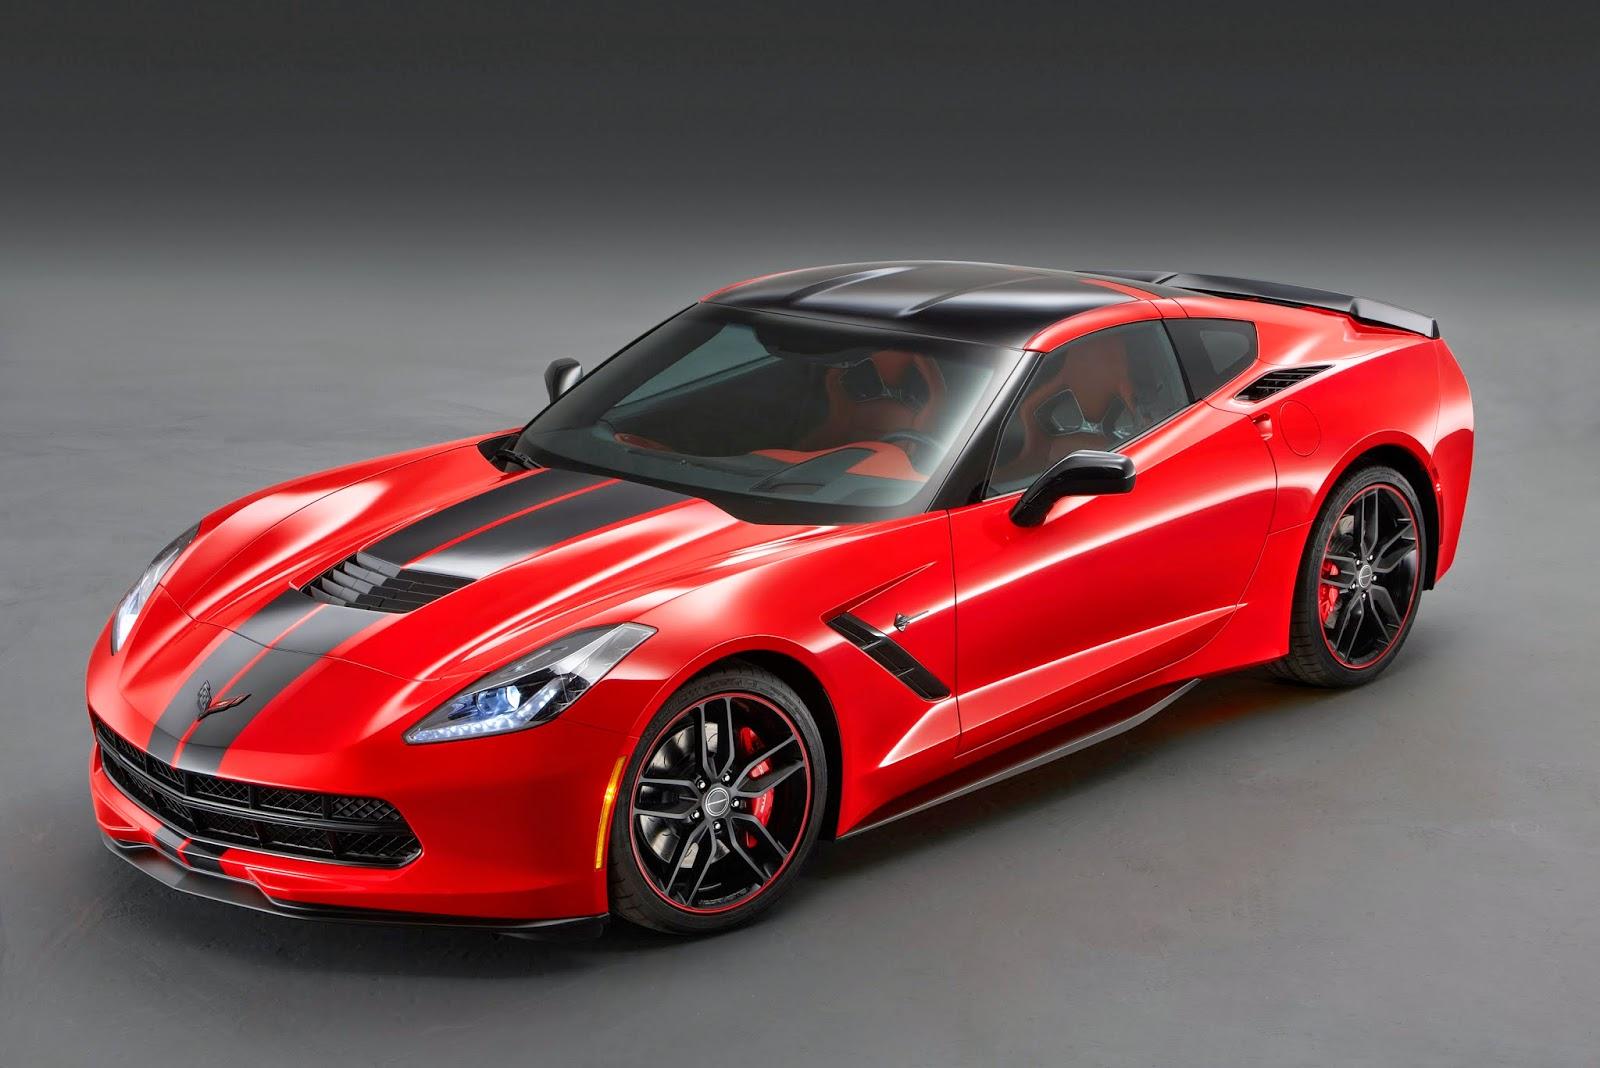 ultimate cars test drives car reviews chevrolet anuncia dos ediciones especiales del corvette. Black Bedroom Furniture Sets. Home Design Ideas